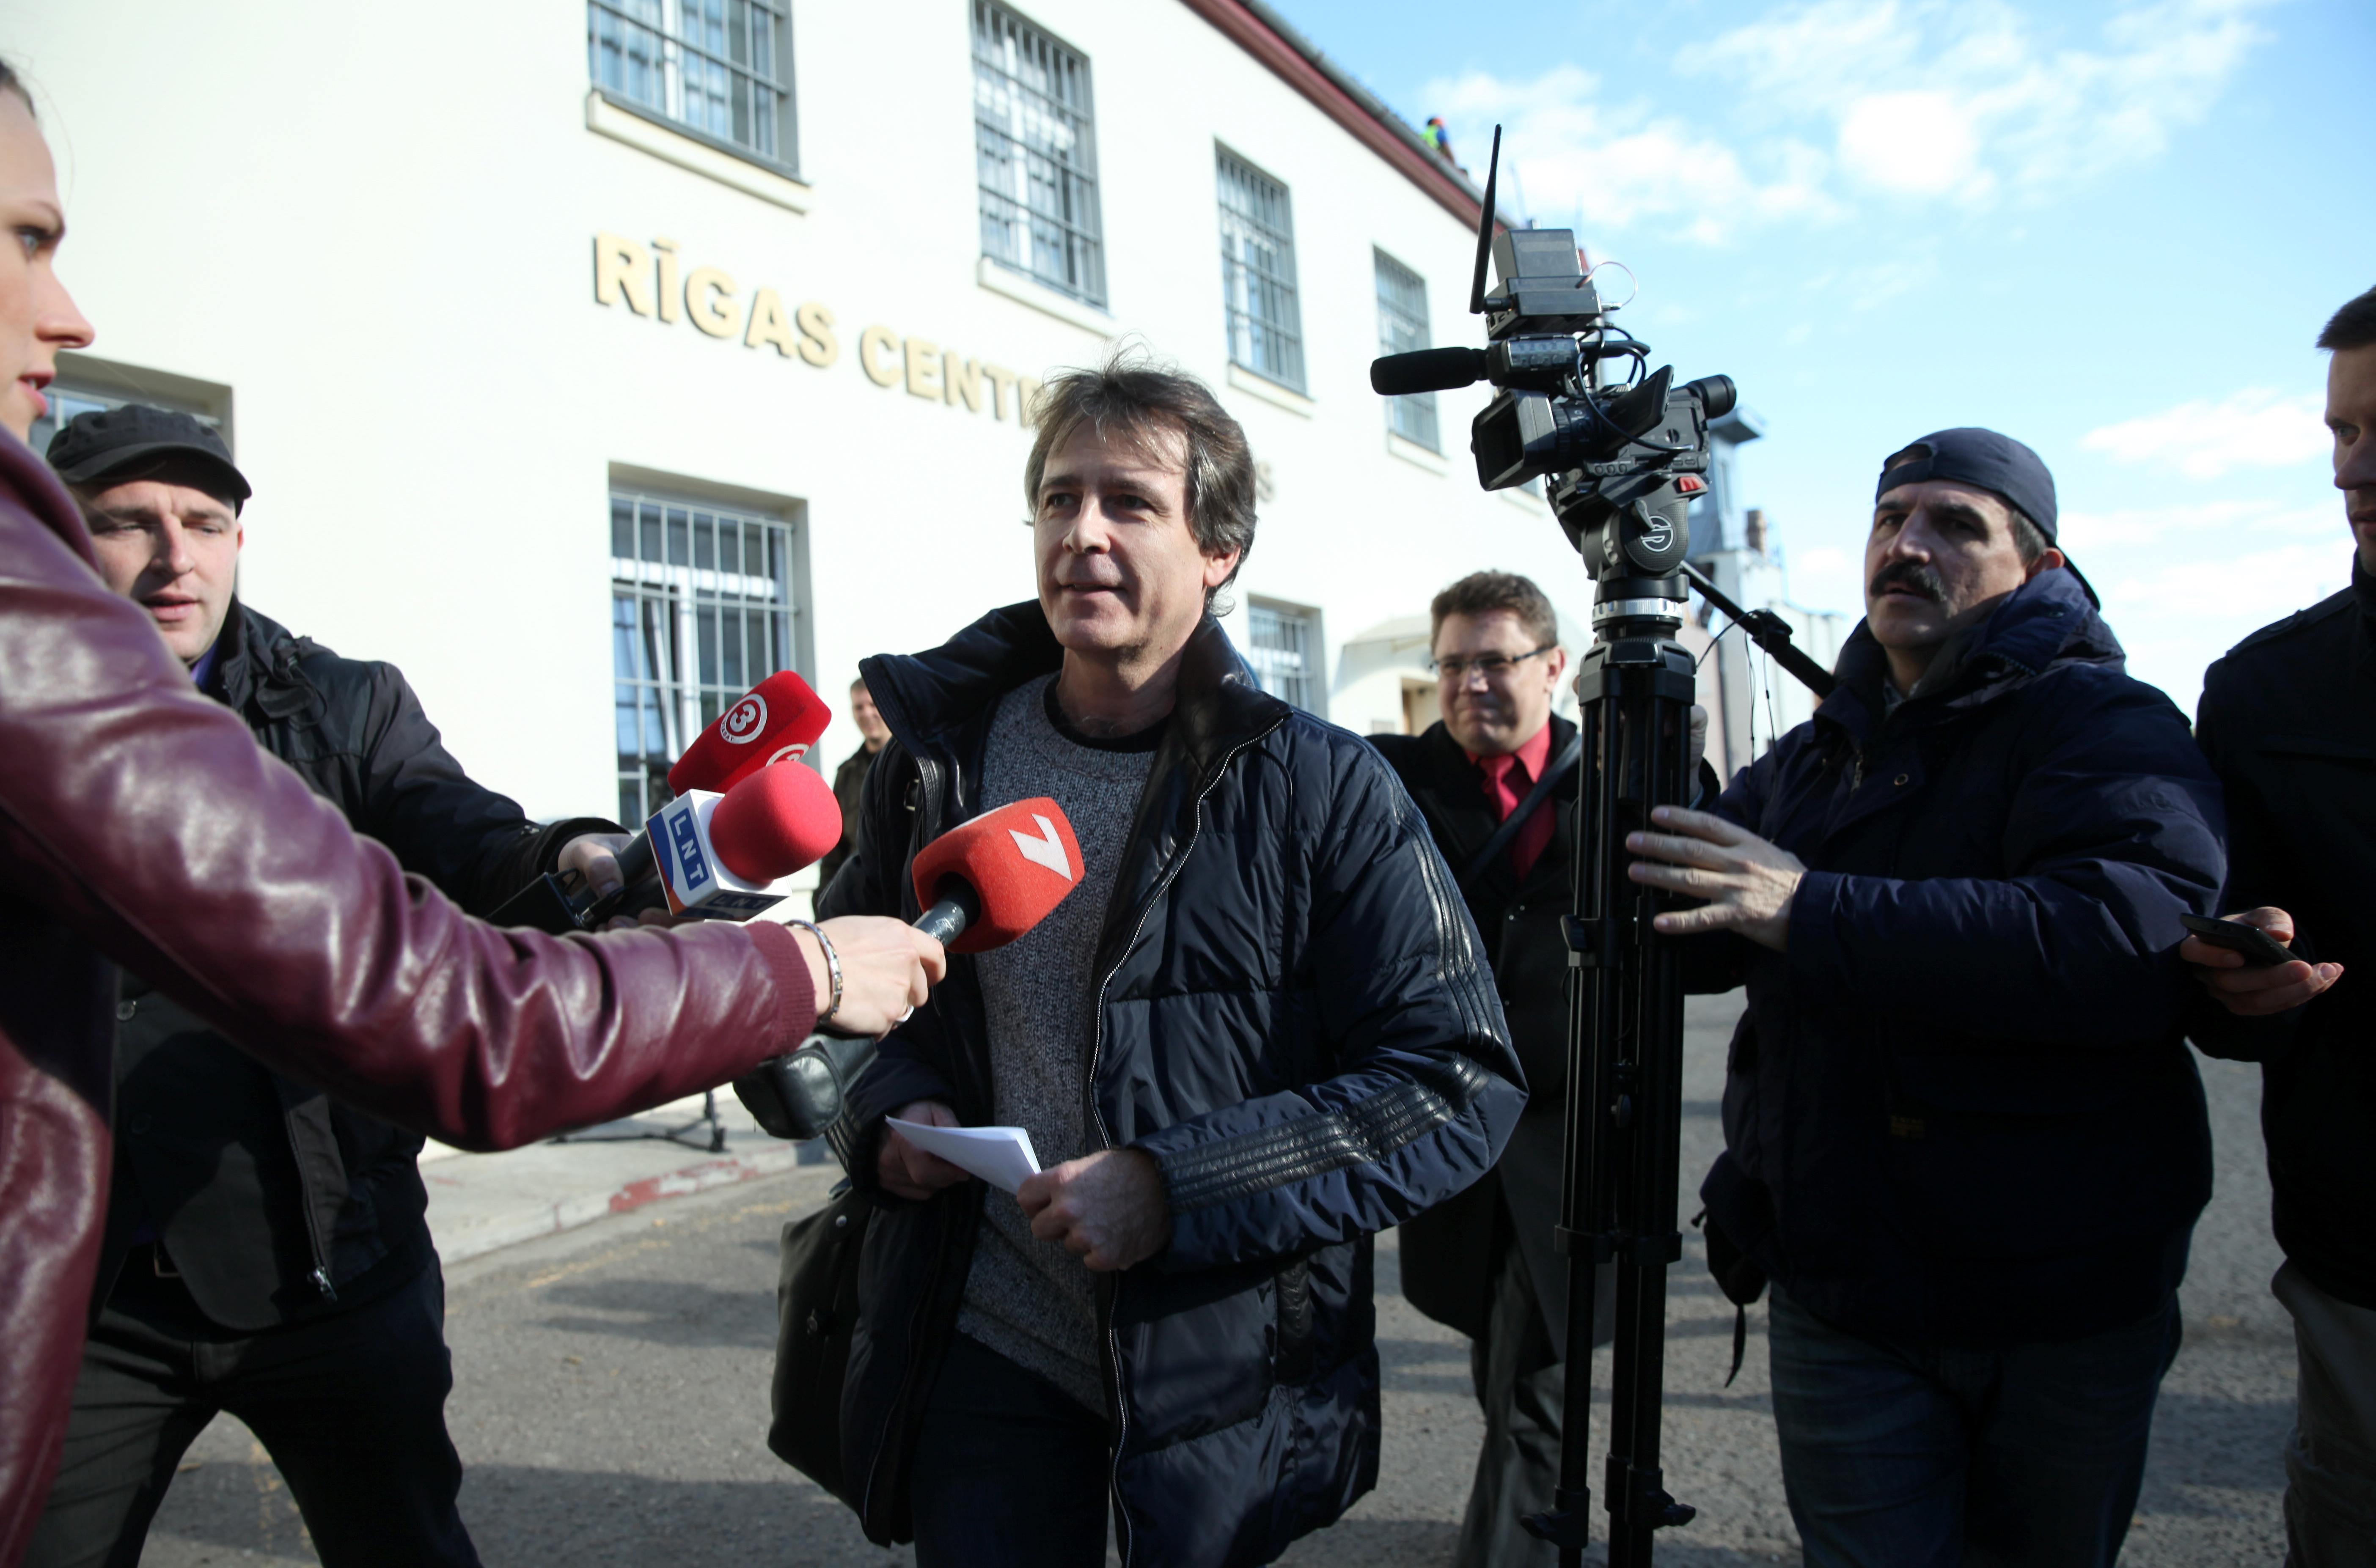 """Kukuļņemšanā aizdomās turētais bijušais uzņēmuma """"Latvijas Dzelzceļš"""" valdes priekšsēdētājs Uģis Magonis pamet Rīgas Centrālcietumu, pēc tiesas lēmuma – atbrīvot viņu pret 400 000 eiro drošības naudu."""